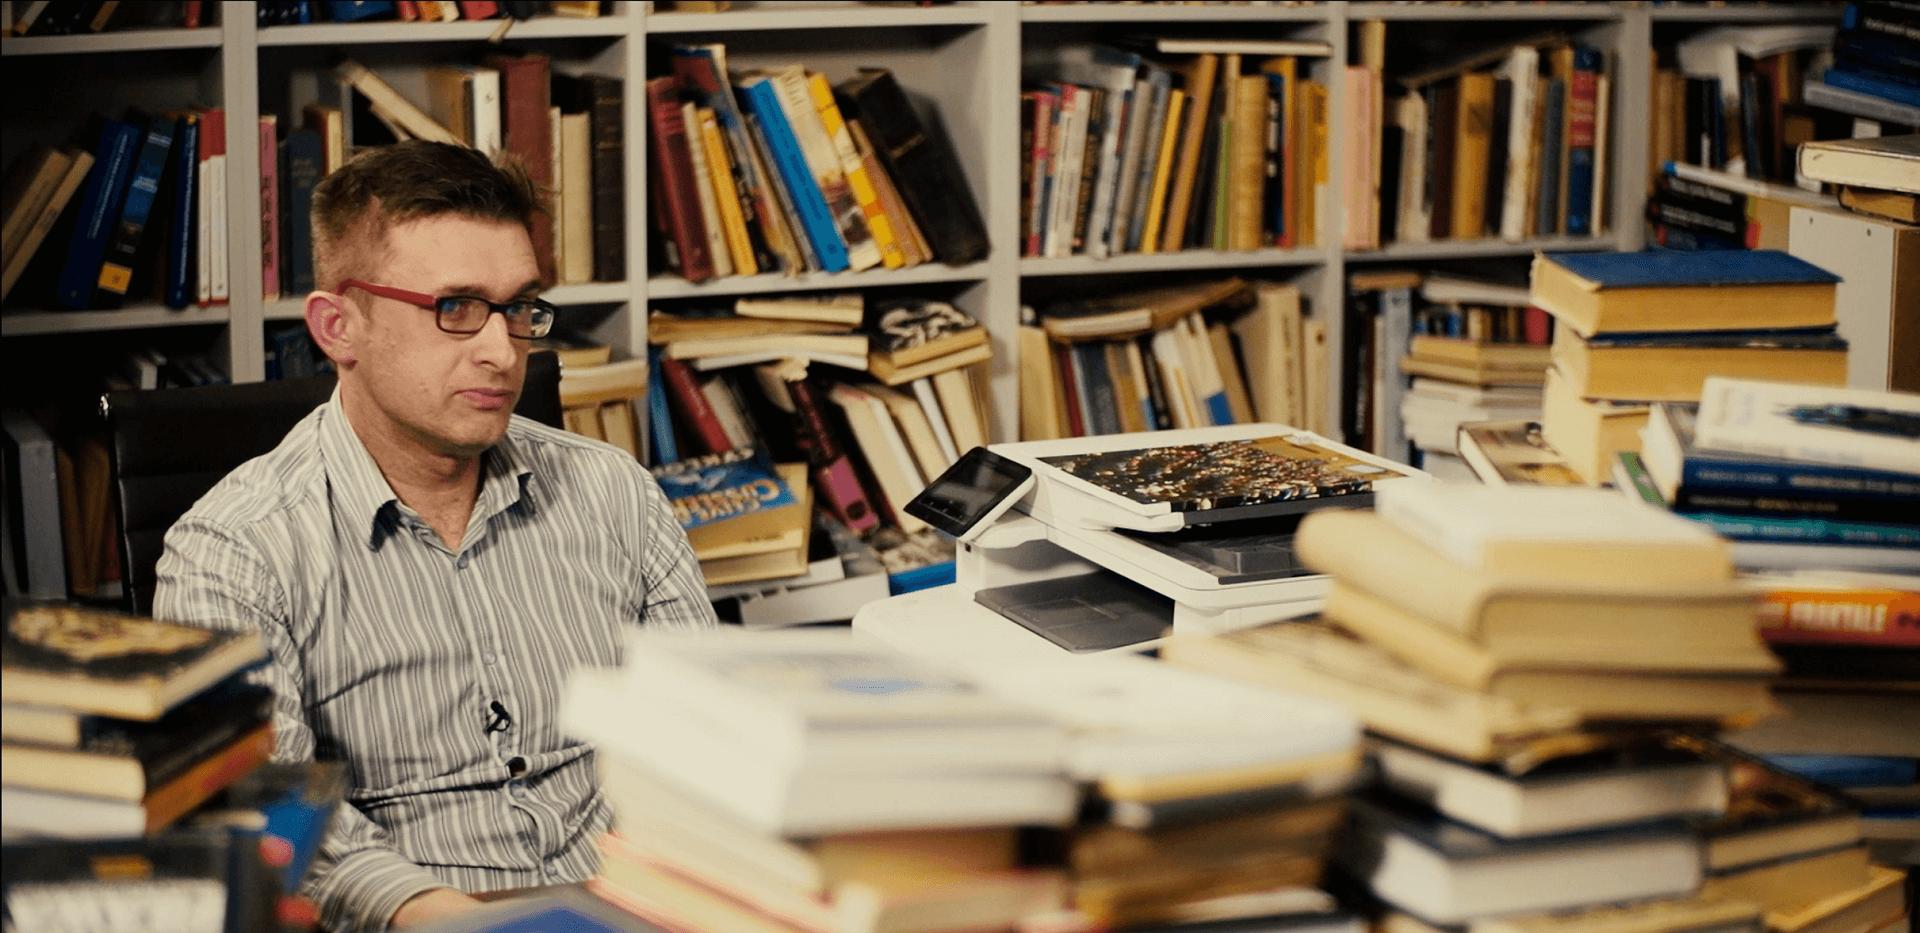 """Sprzedawca w antykwariacie siedzący za blatem pełnym książek. Kadr z filmu """"Sztafeta"""", Narodowe Centrum Kultury 2018"""